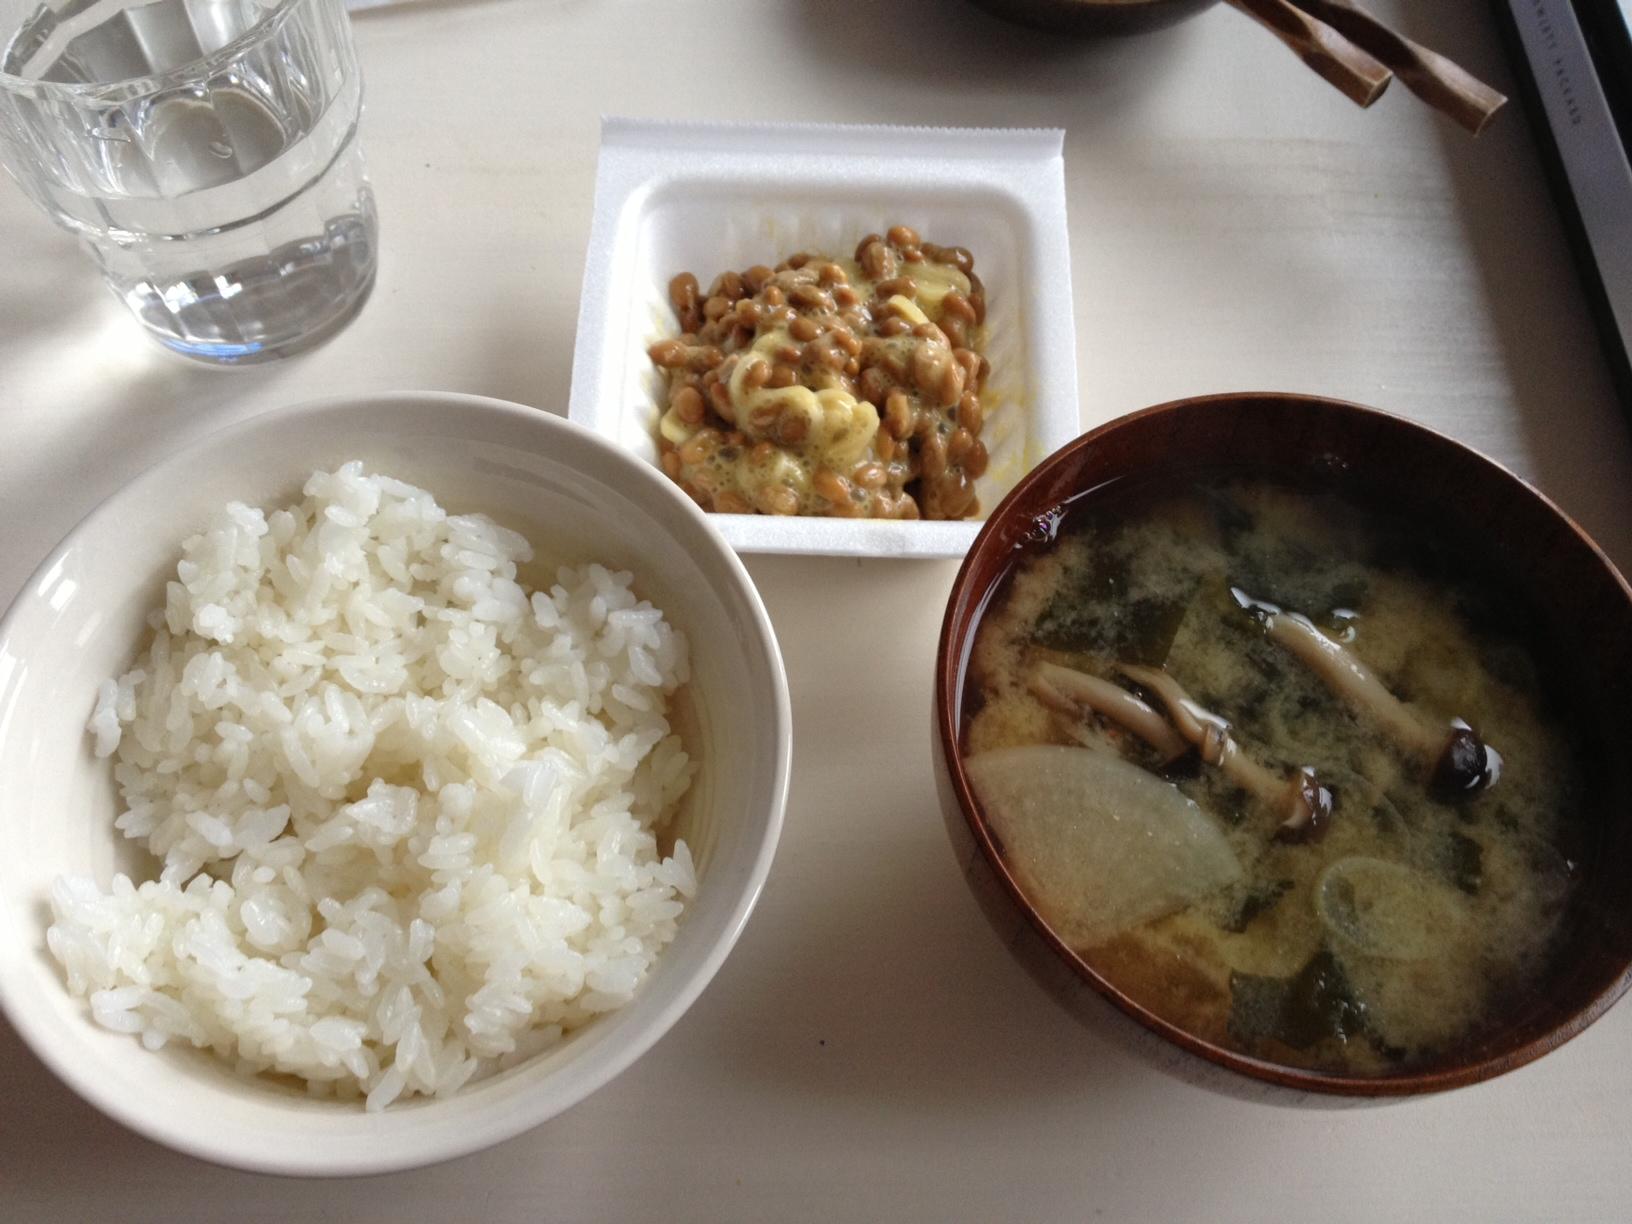 평일의 아침식사. 미소시루에 낫토